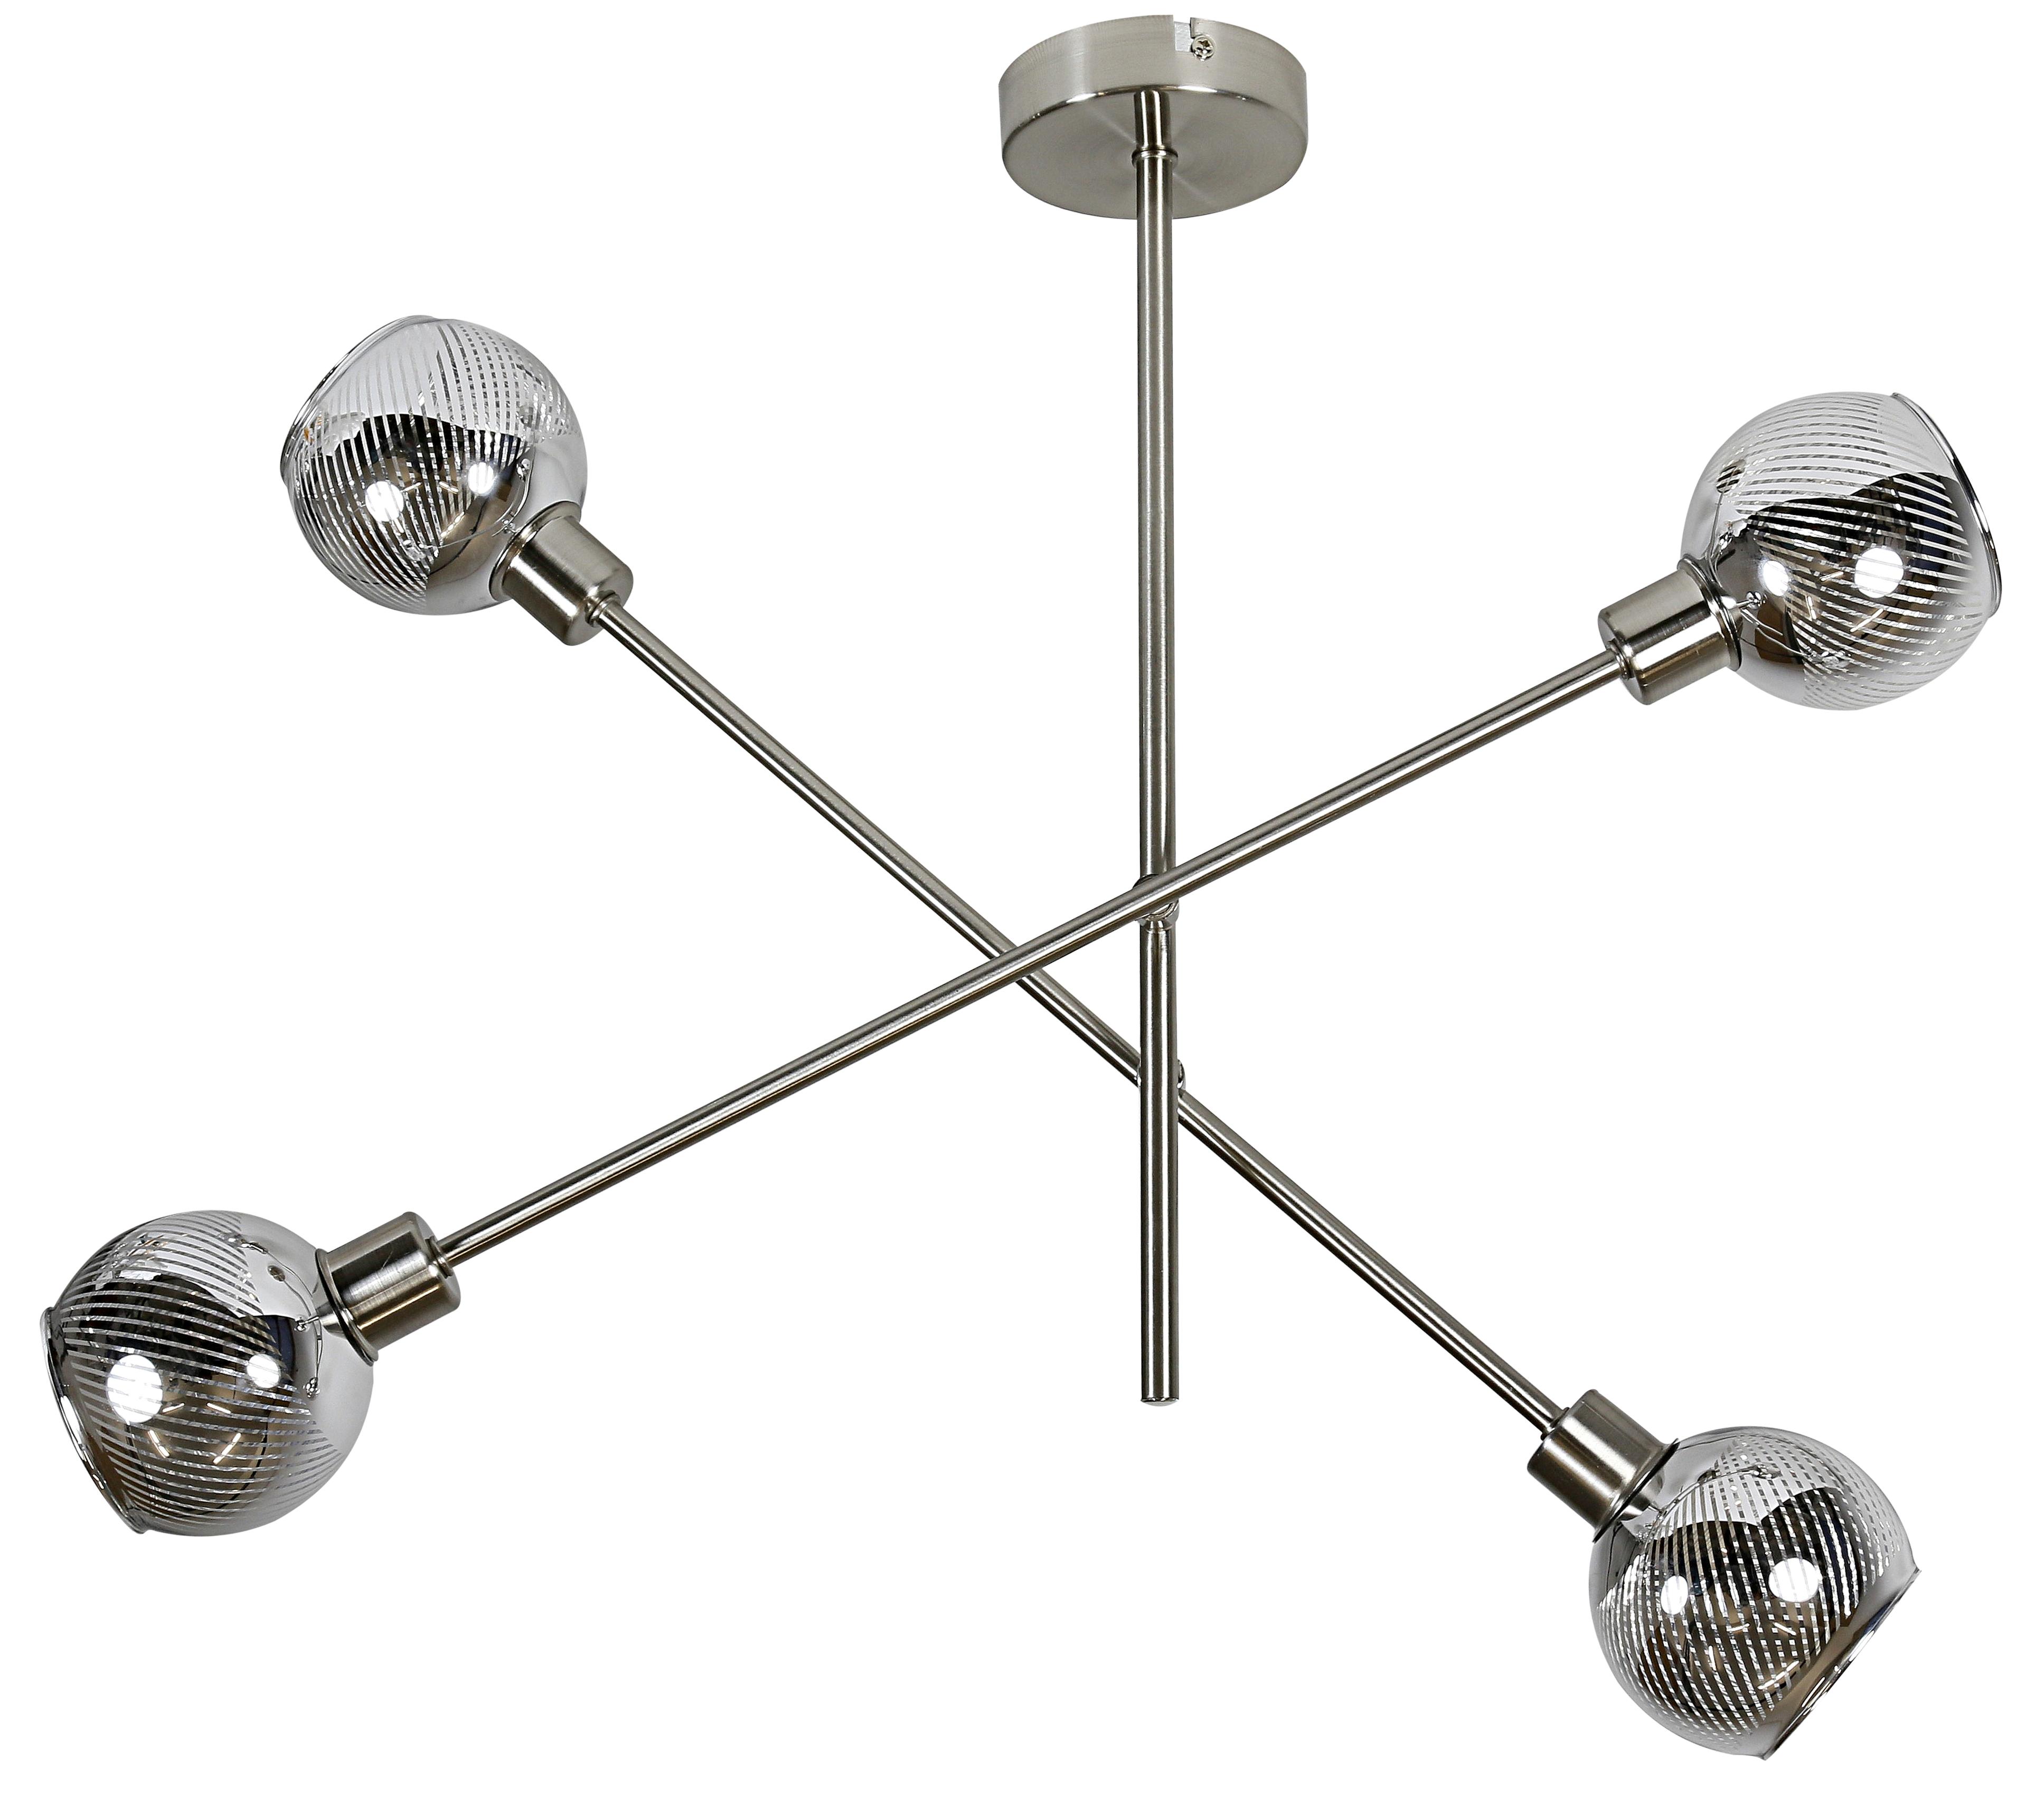 MIGO LAMPA WISZĄCA SZTYCA 4X10W E14 LED SATYNA - 34-72436